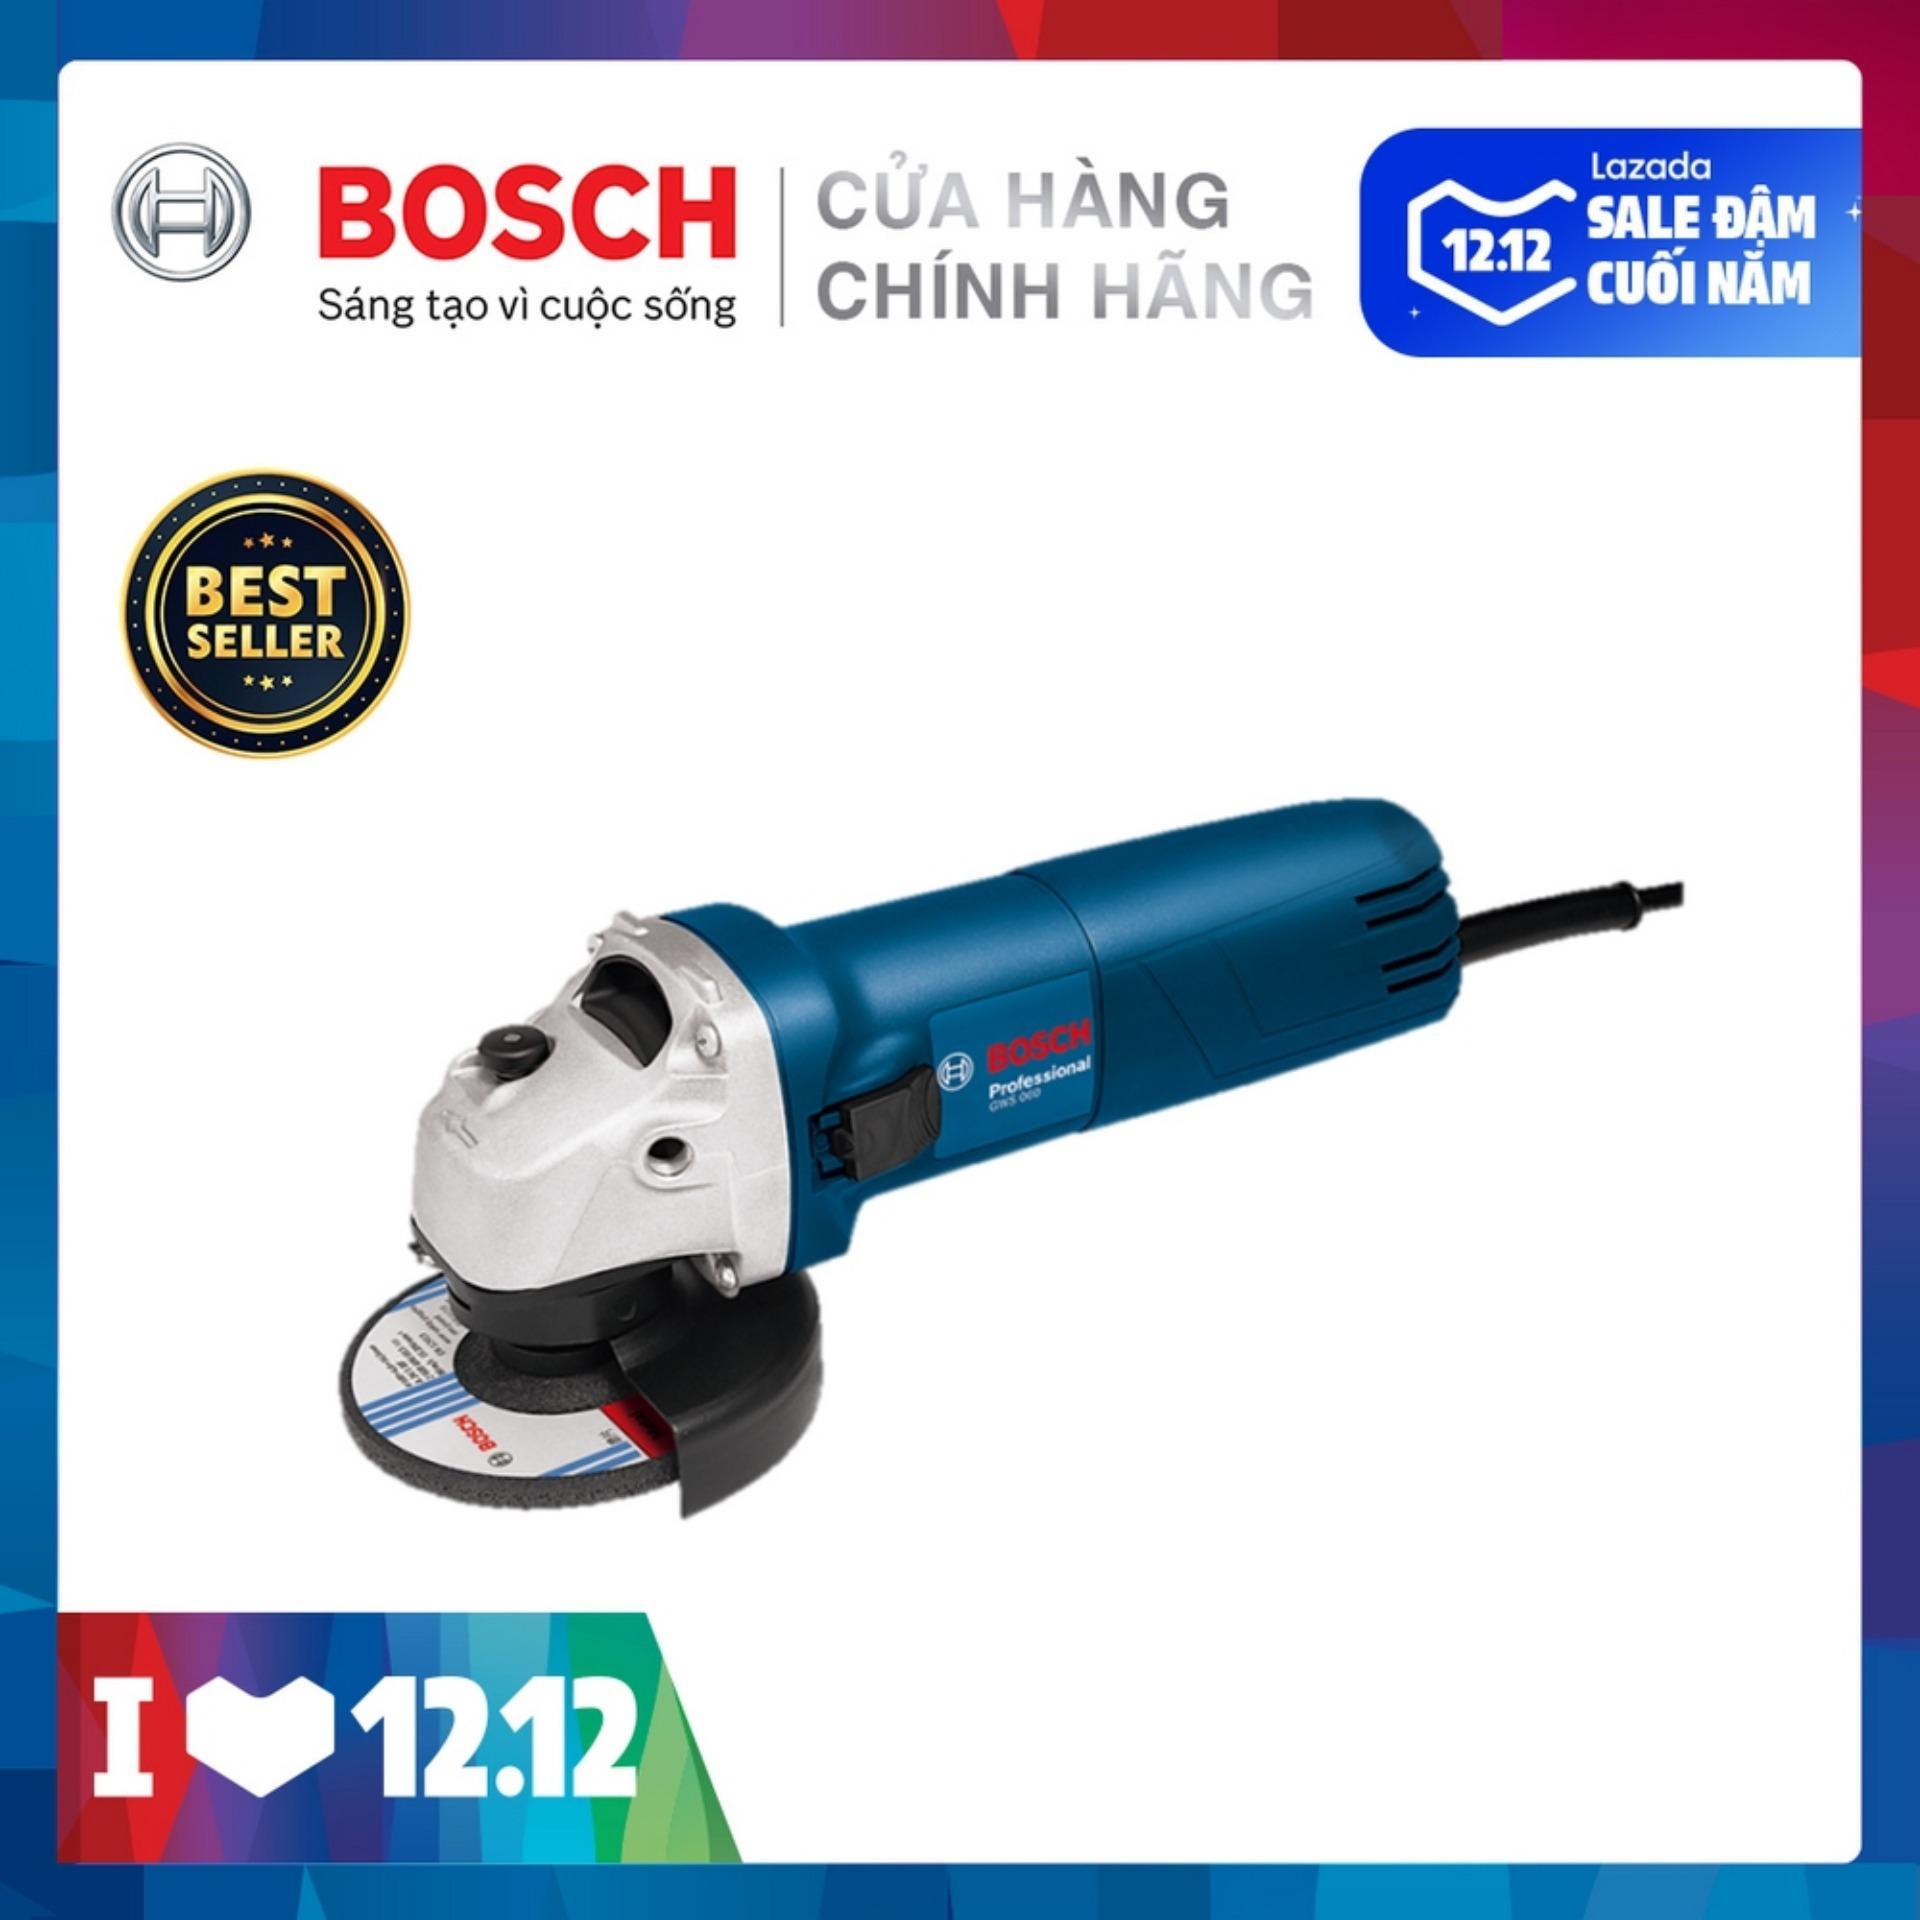 Hot Deal Khi Mua Máy Mài Góc Bosch GWS 060